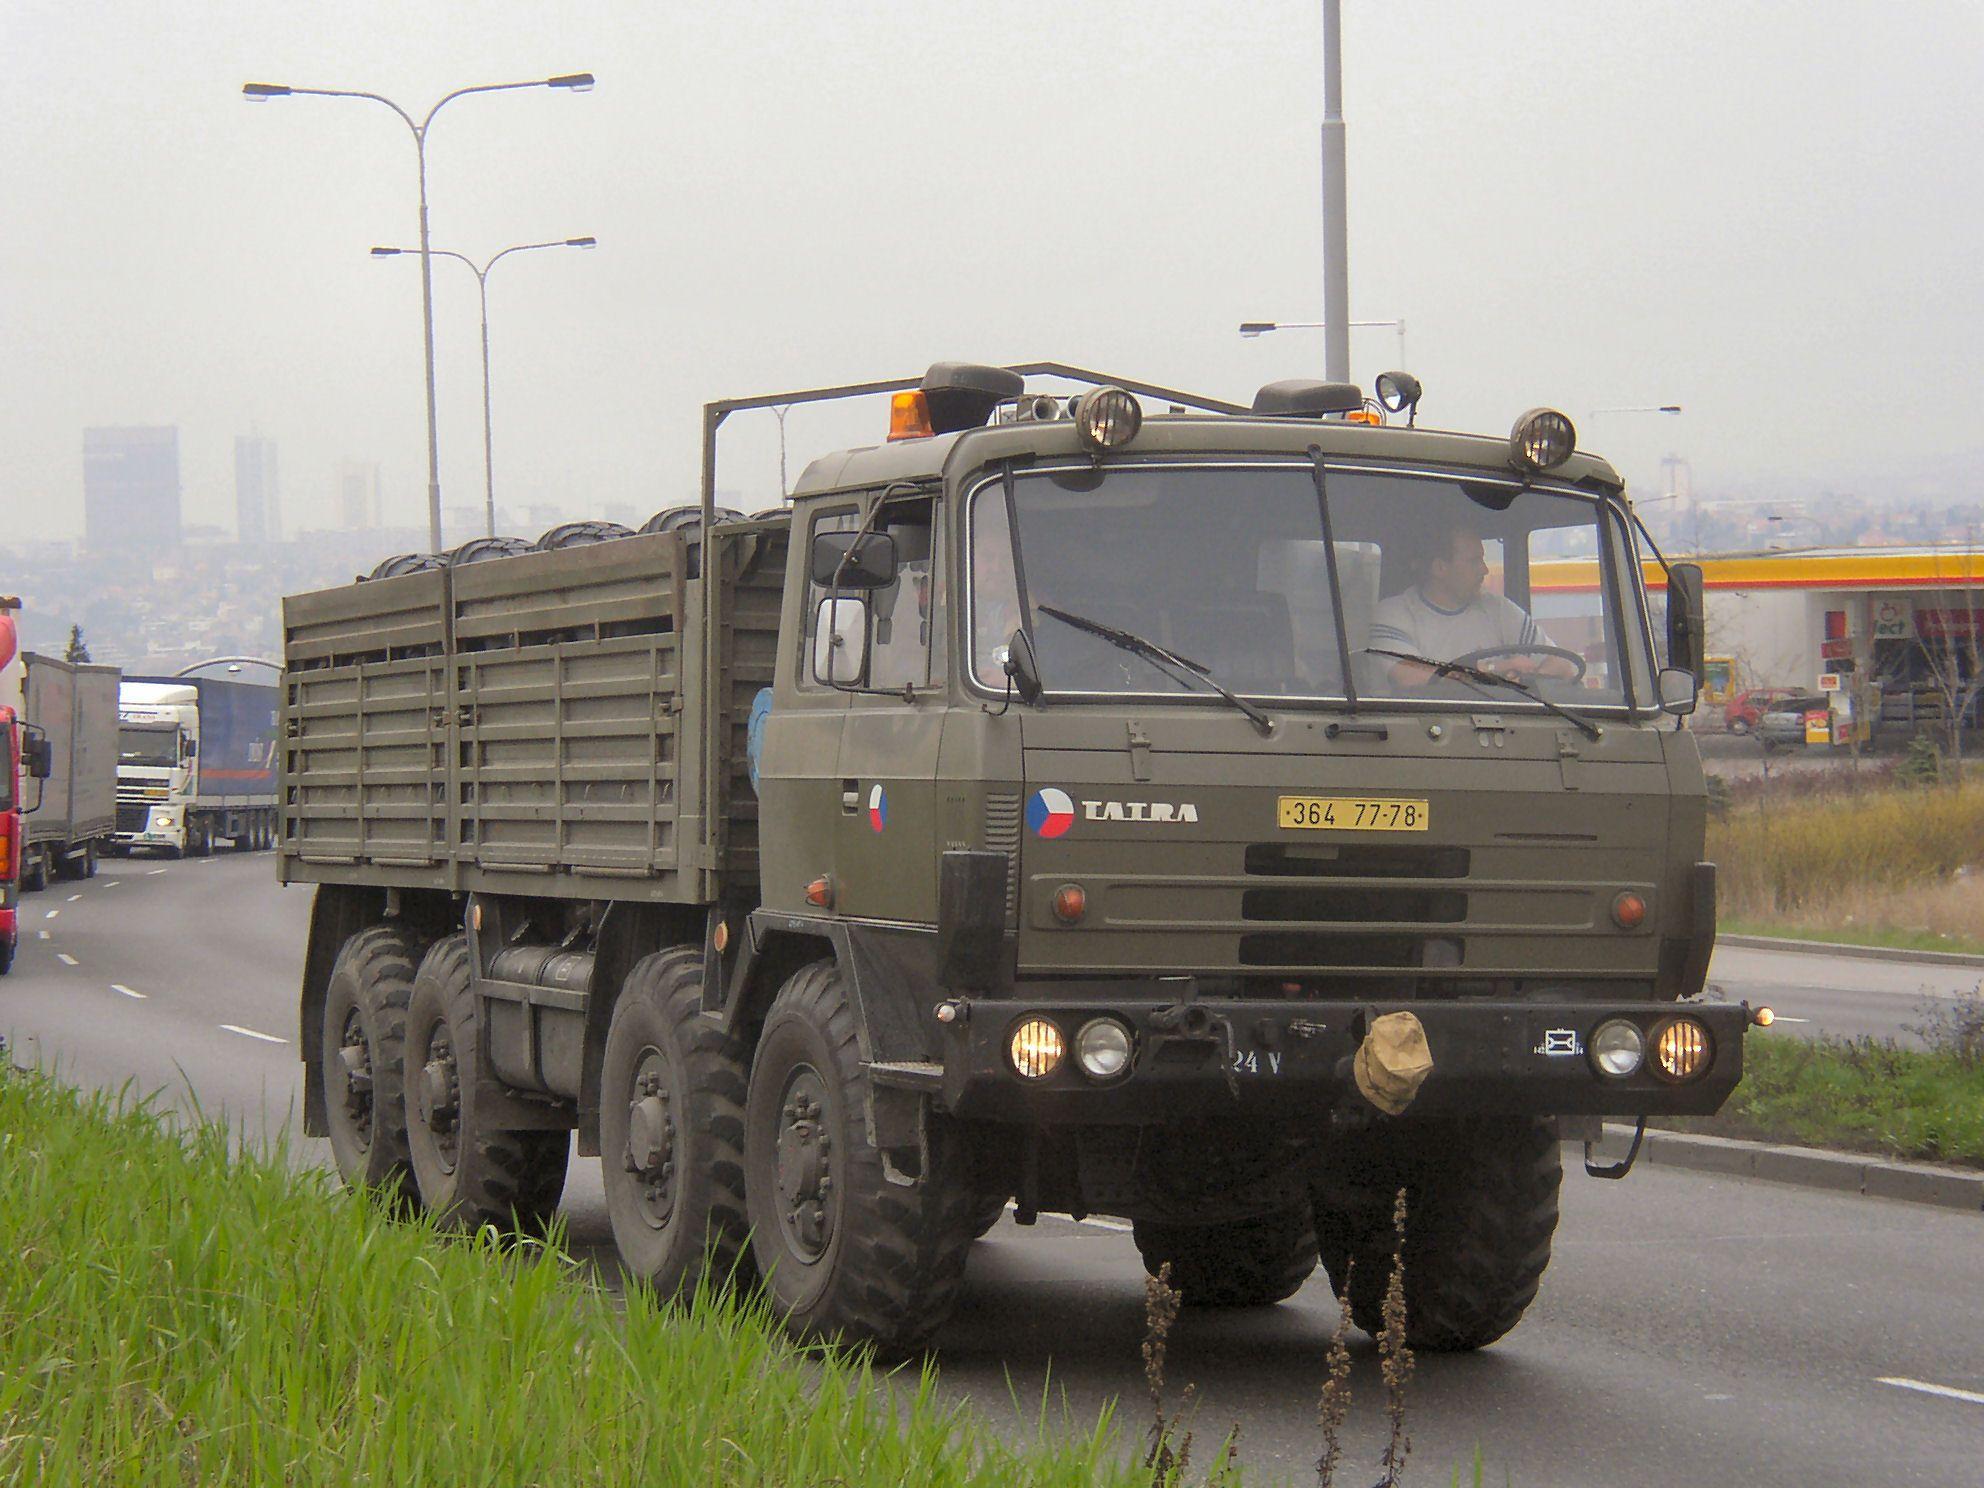 Czech Army Tatra 815 8x8 Truck Militaire Voertuigen Militair Voertuigen